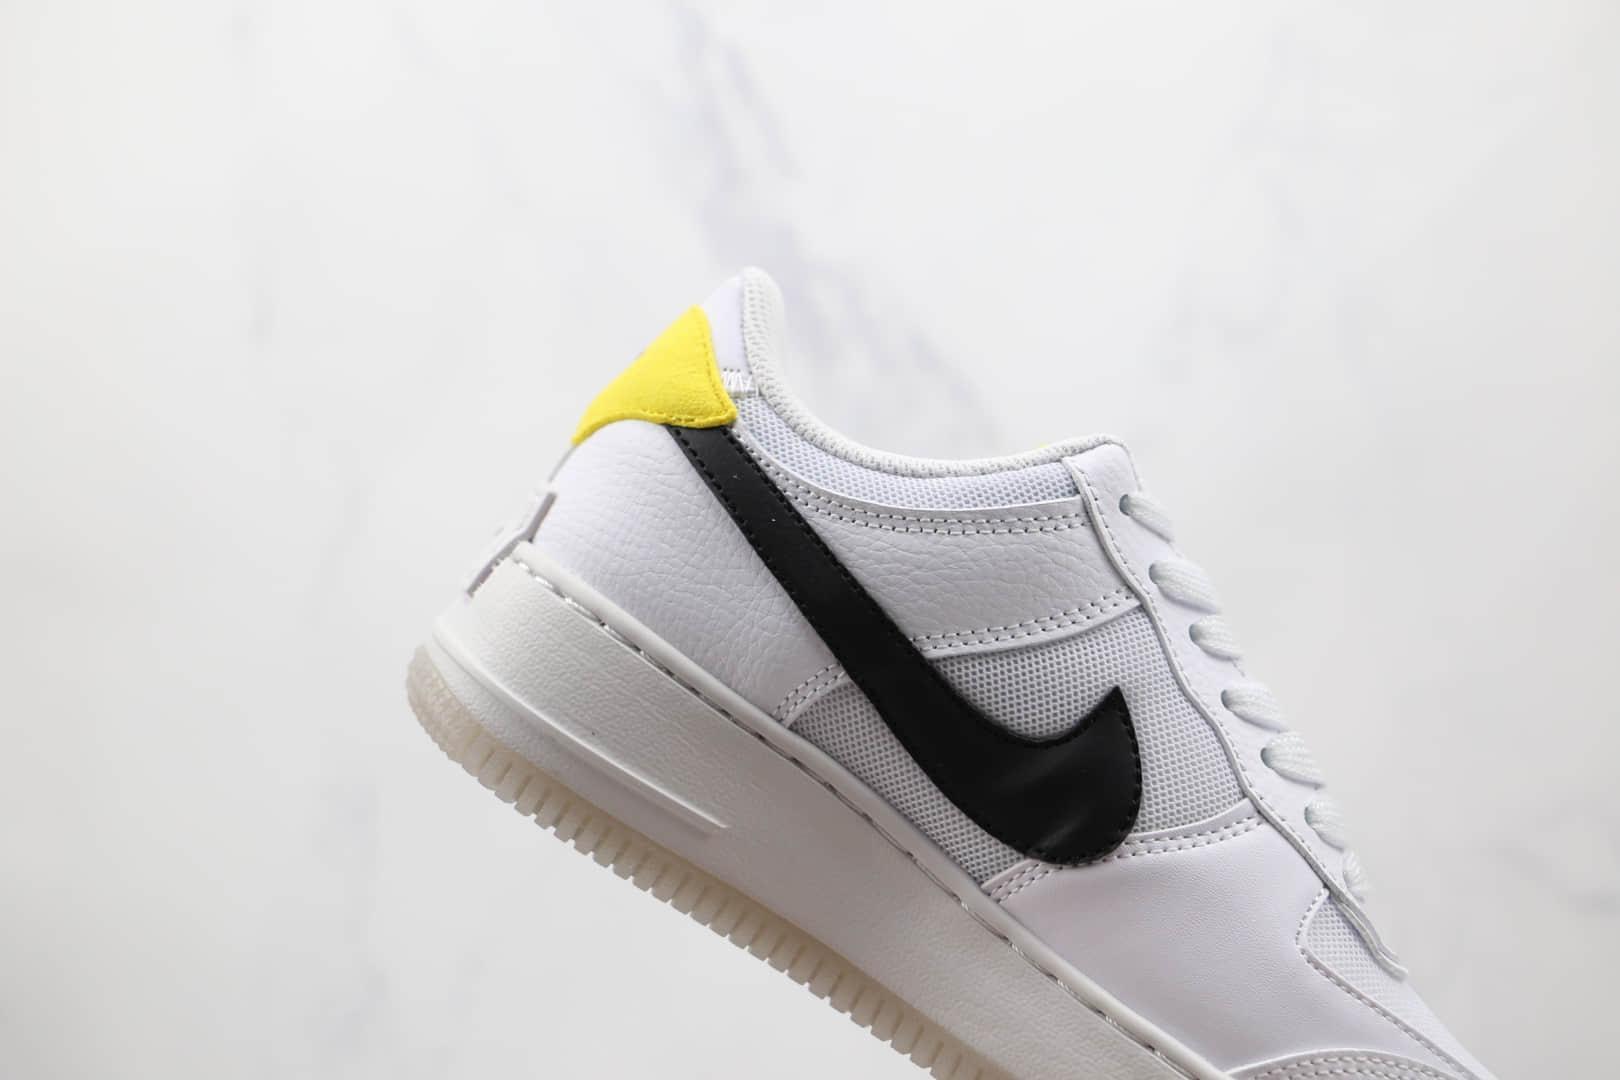 耐克Nike AIR FMRCE 1 SHADOW纯原版本低帮空军一号马卡龙双钩白黑黄色笑脸板鞋原盒原标 货号:DO5872-100